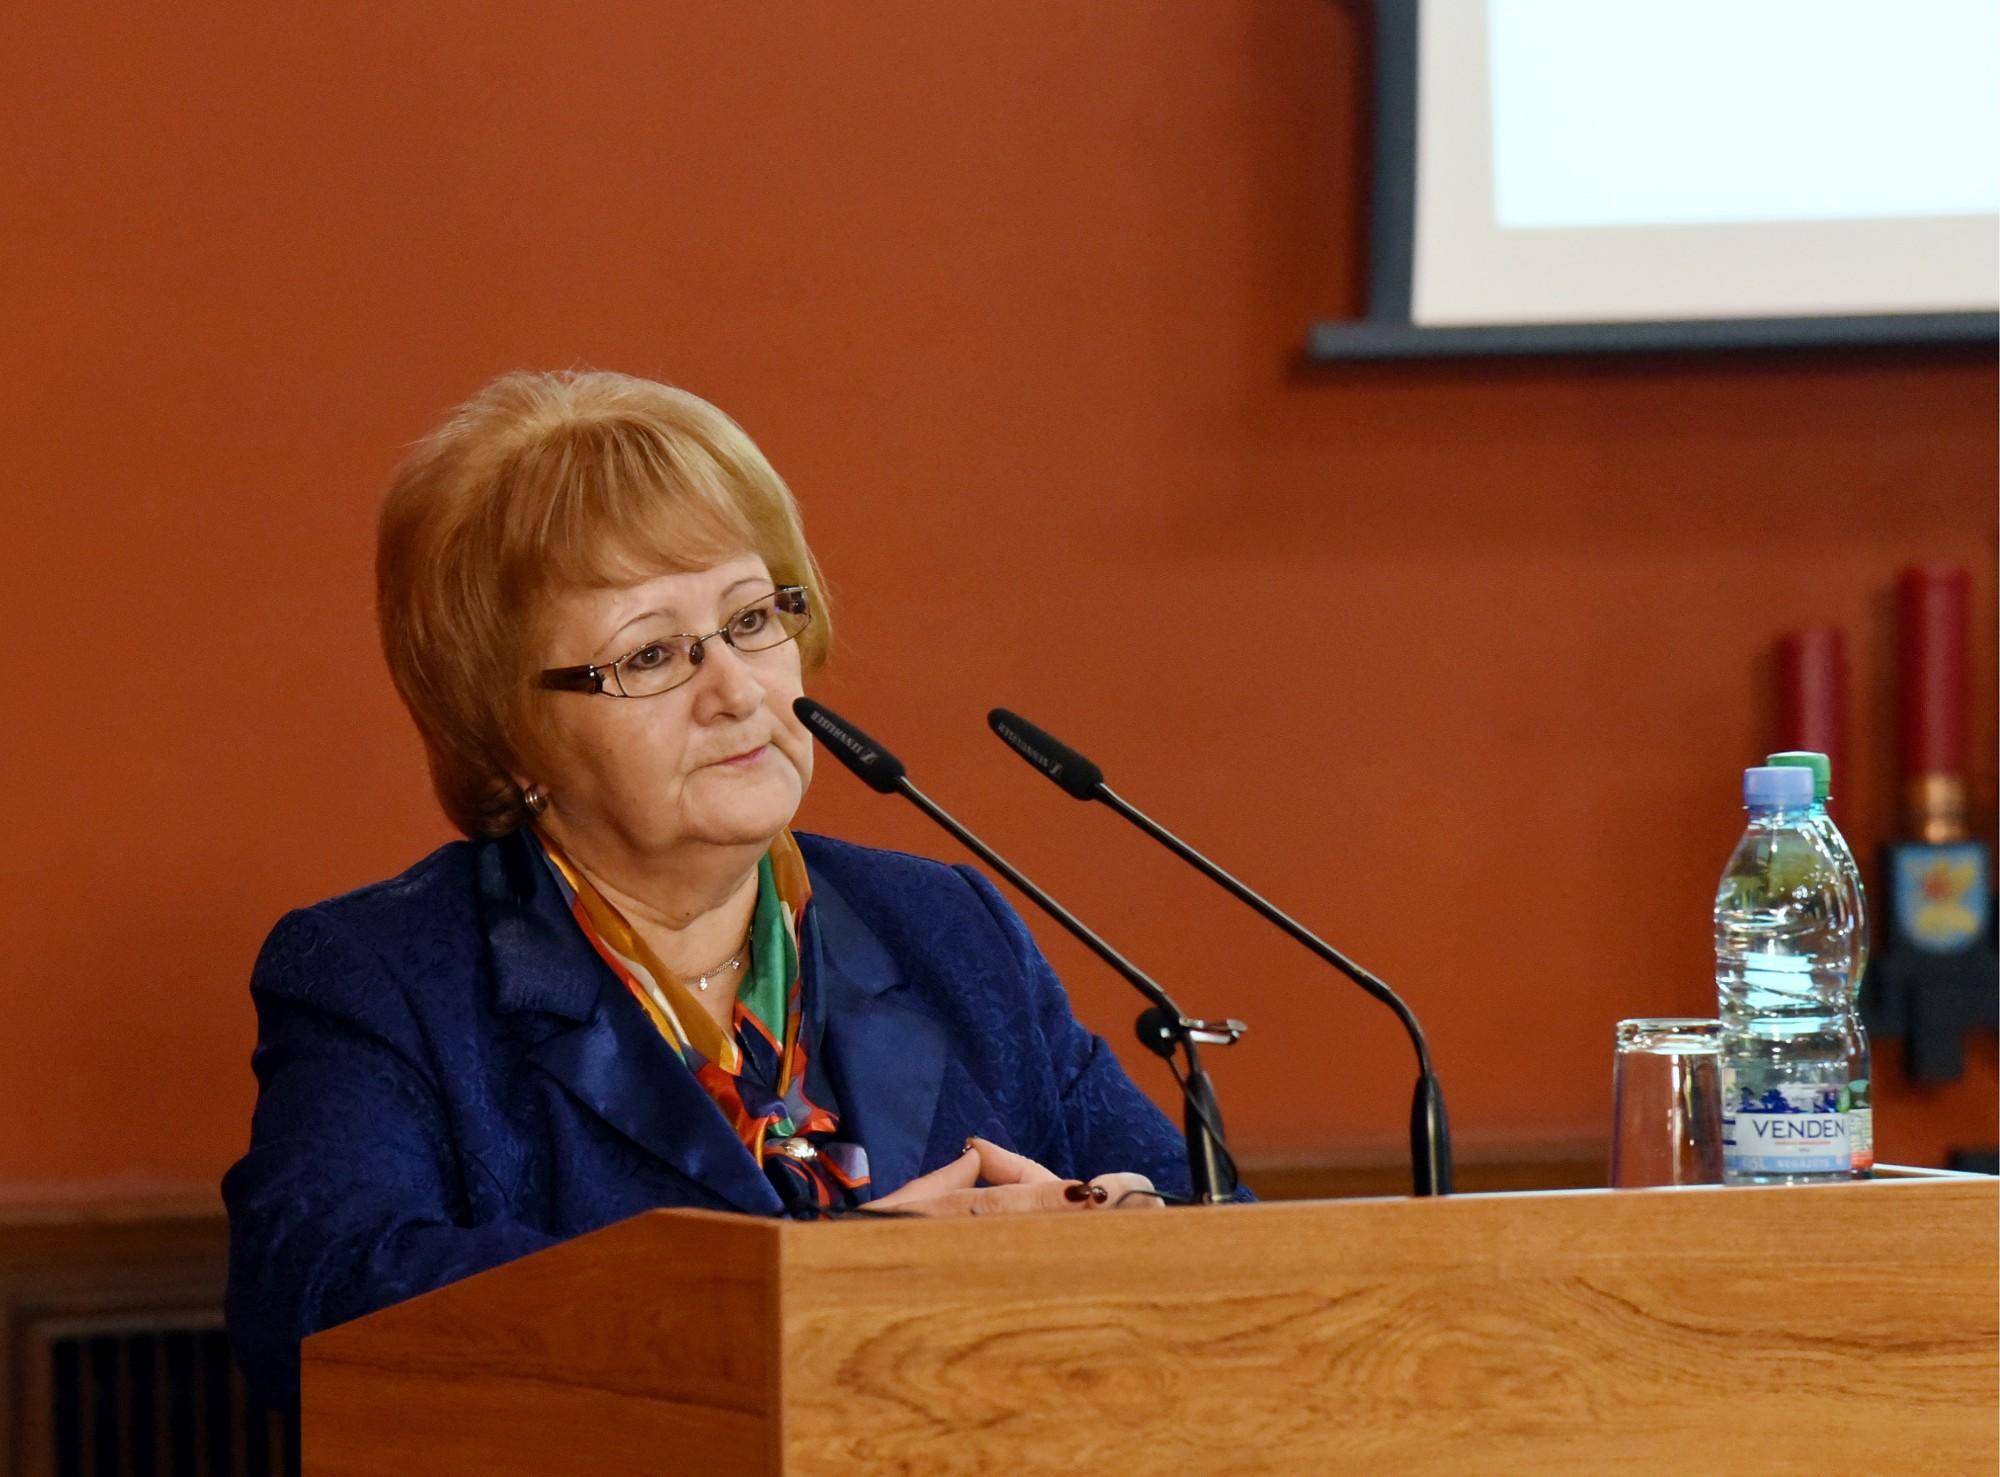 Papildināts – Turpmāk Pensionāru federāciju vadīs bijusī Saeimas deputāte Aija Barča